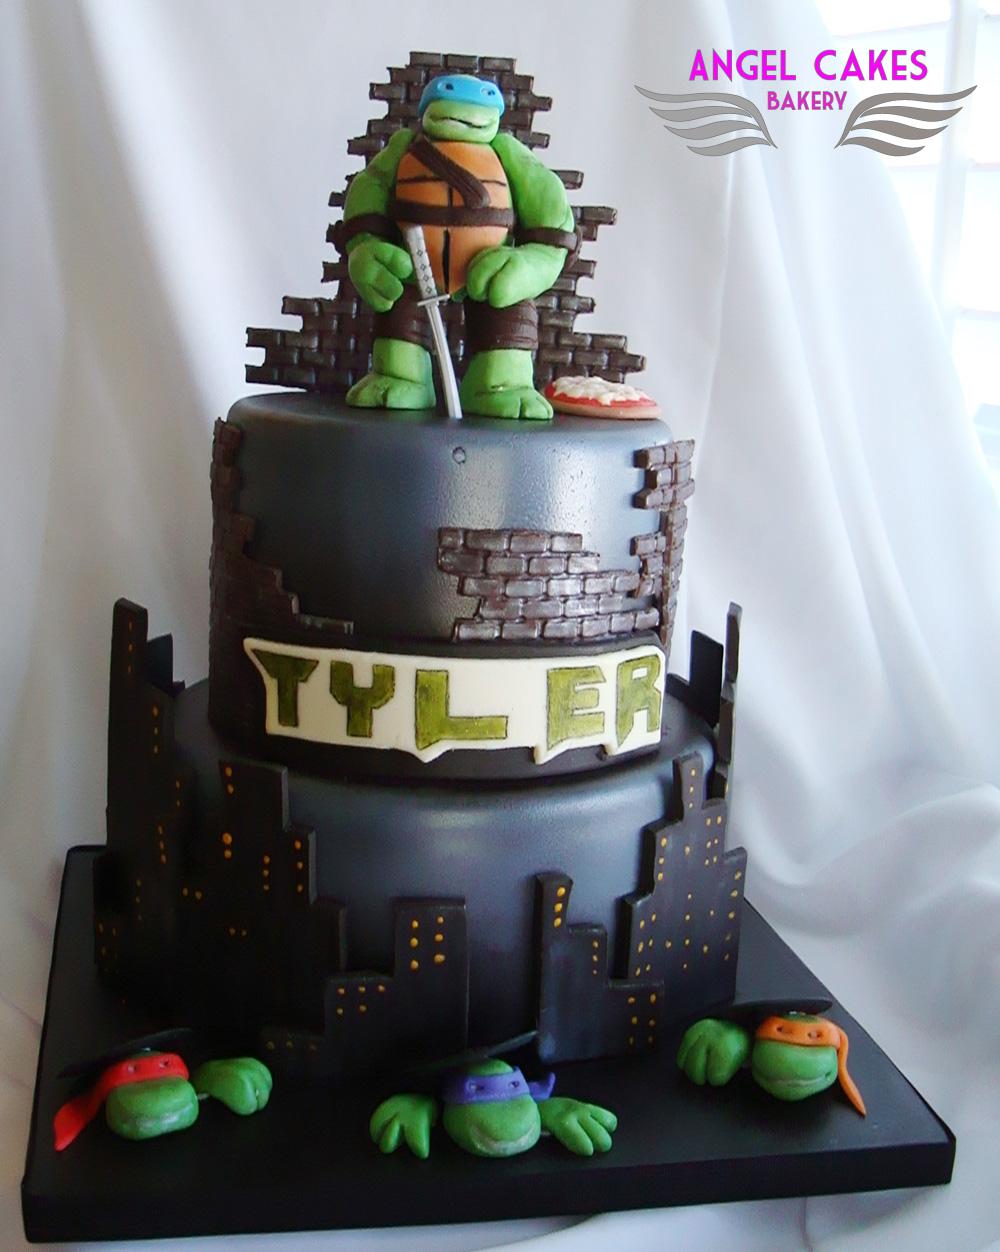 Angel Cakes Bakery Teenage Mutant Ninja Turtles